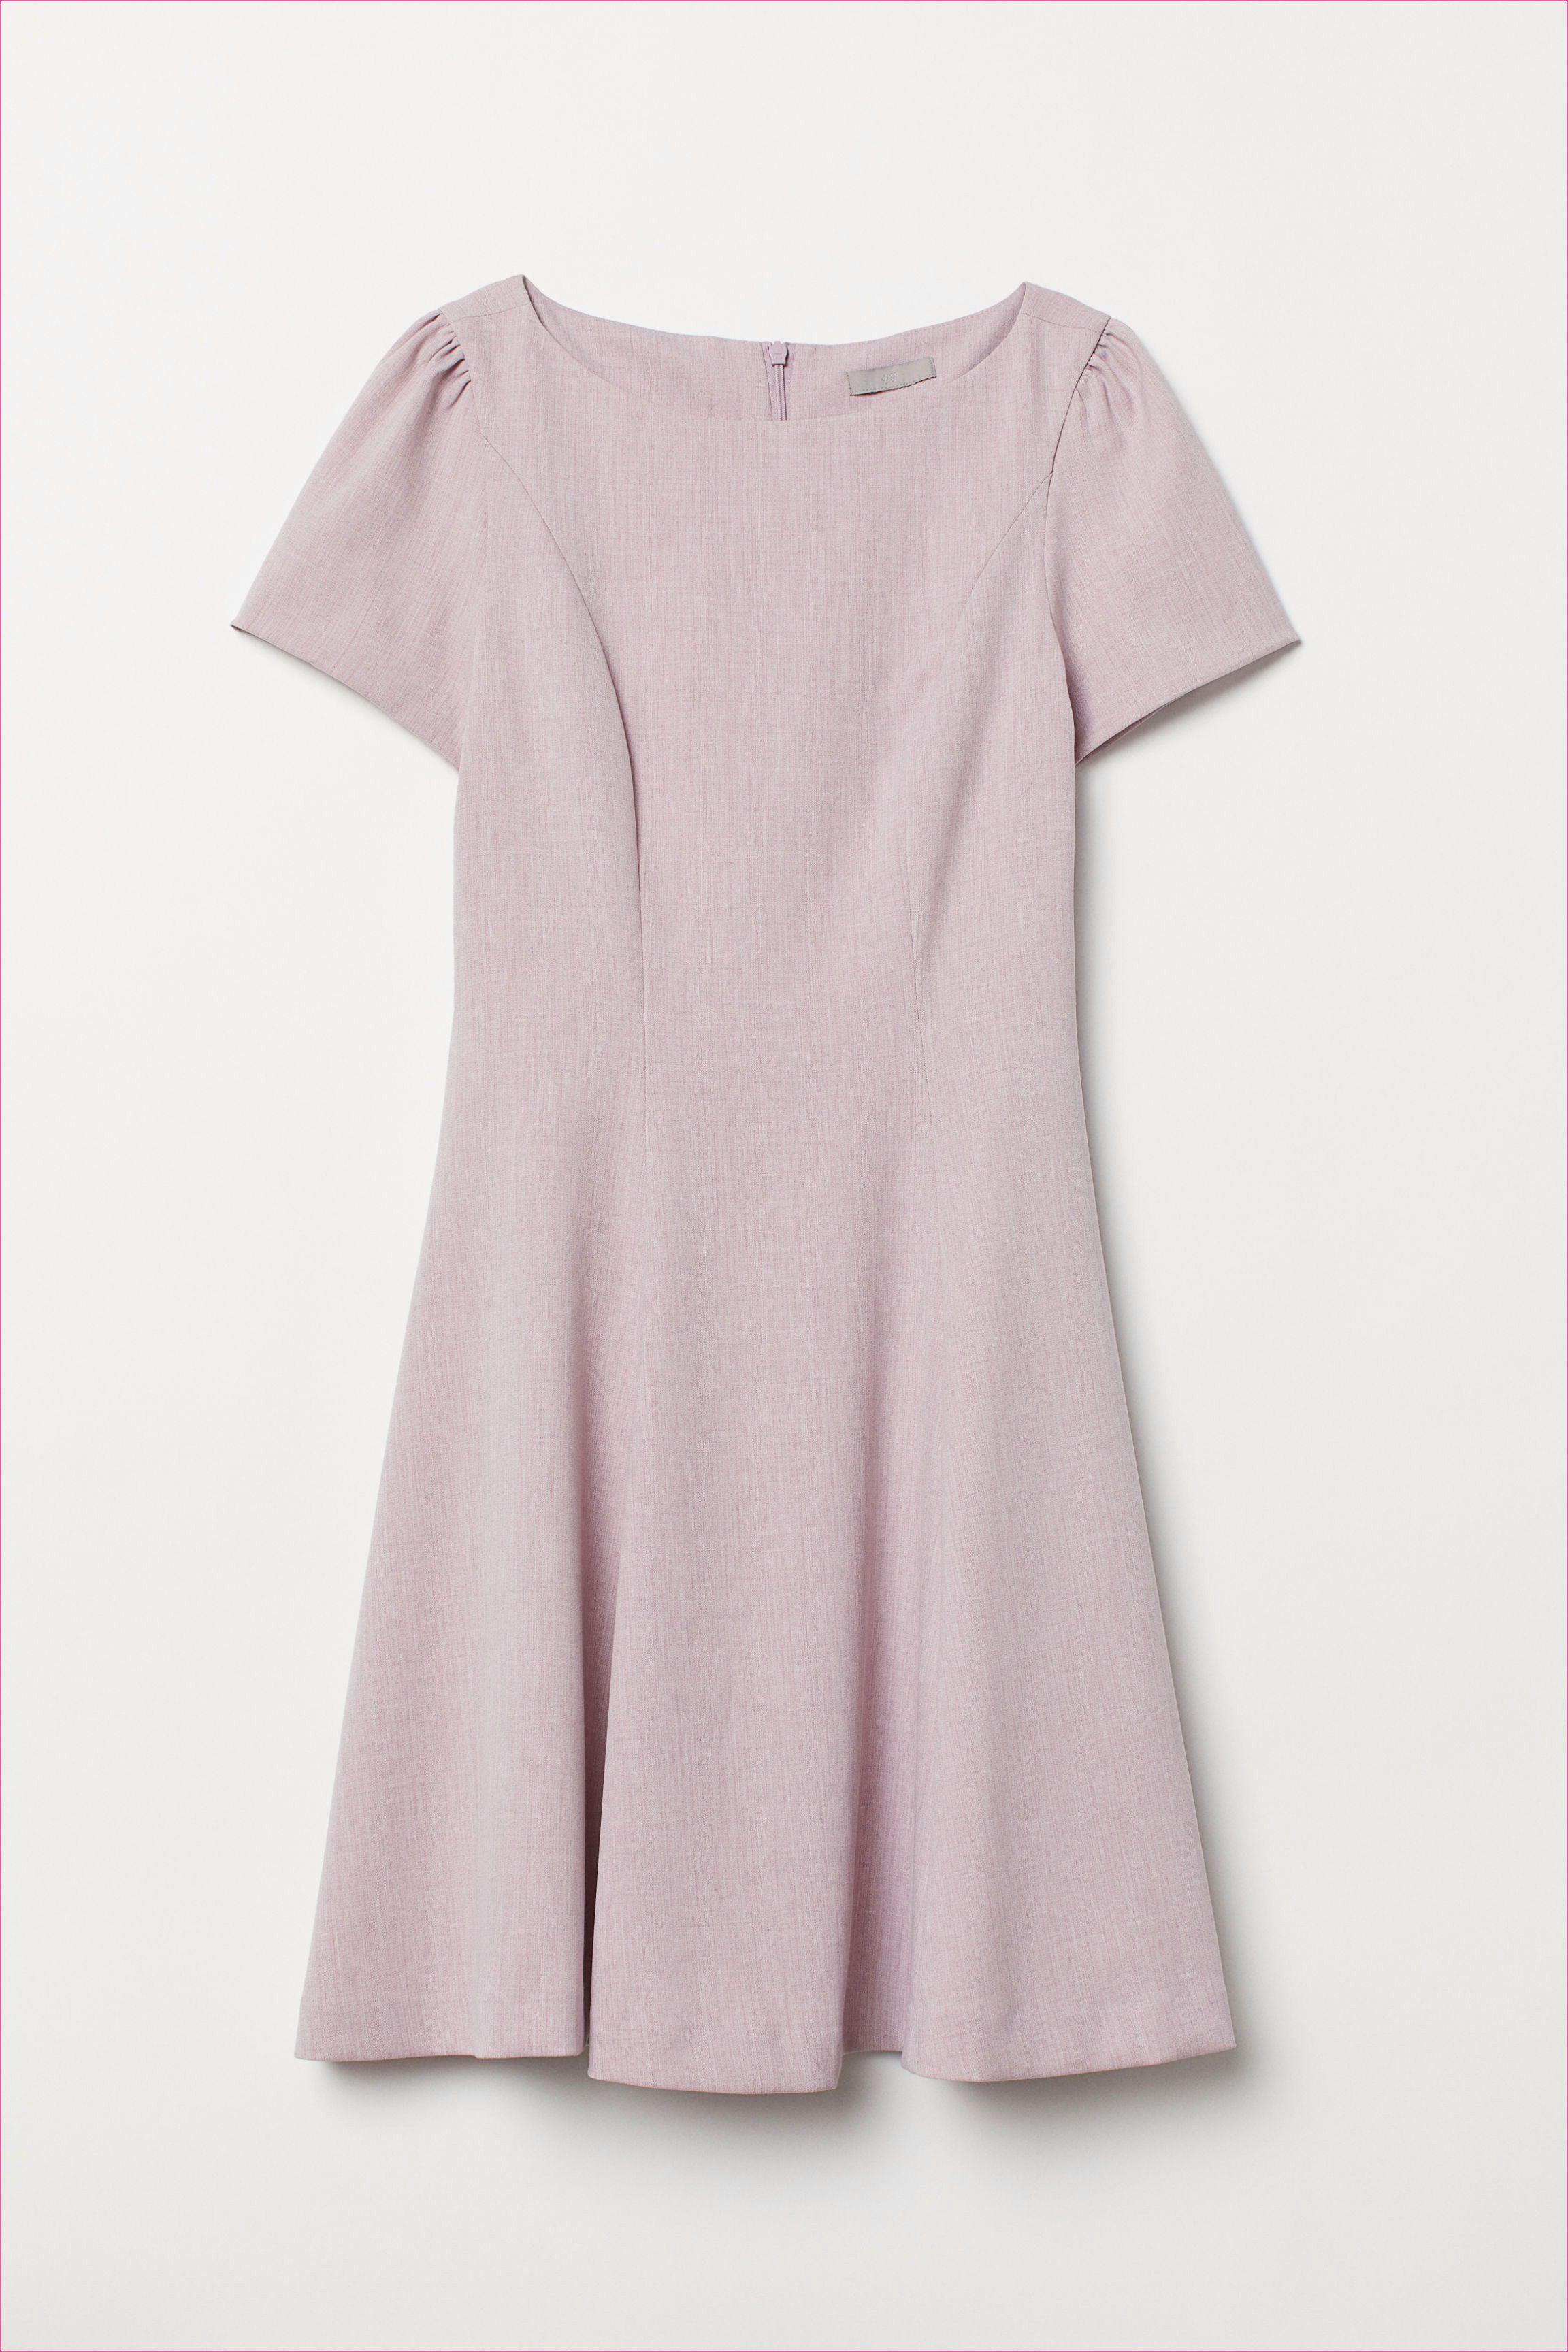 Schuhe Zu Blauem Kleid Schuhe Zu Blauem Kleid Schuhe Zu Blauem Kleid Michael Michael Kors Kleider Online Kaufen Sch Kleid Mit Armel Blaues Kleid Modestil